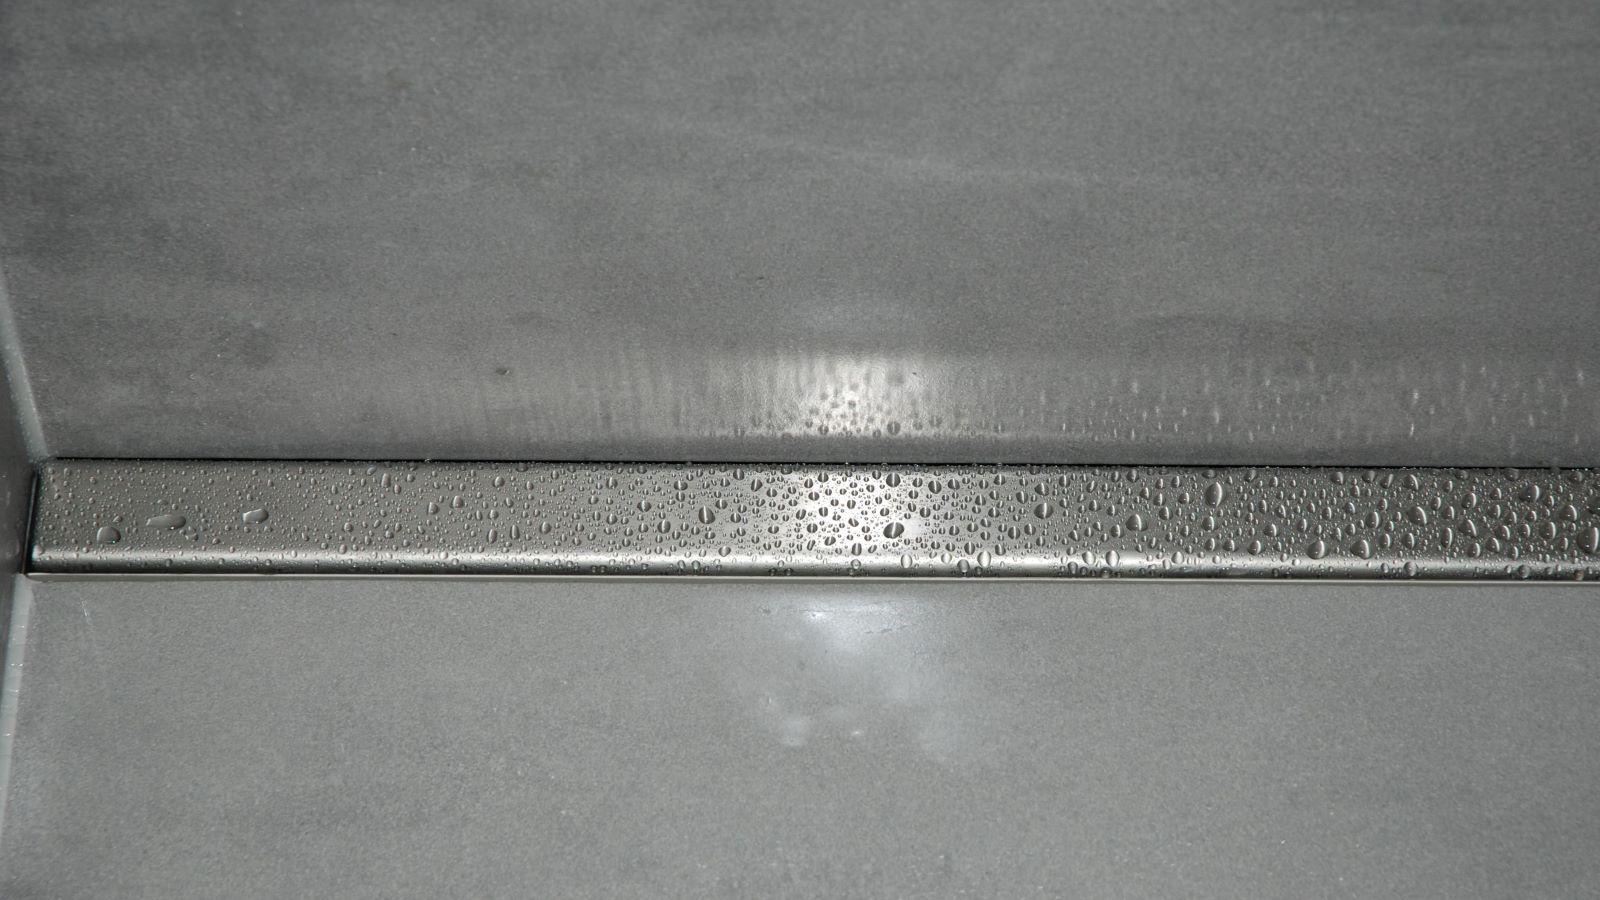 Die abbbildung zeigt die hochwertige v4a edelstahl-duschrinne pro xxl wandbuendig eingebaut. Die fliesenverlegung erfolgt nach der estrichverlegung und der abdichtung über dem breiten 10 cm edelstahl klebeflansch. Die variante der duschrinne pro xxl im bild hat eine breite aufkantung hinten zur xand hin und eine schmale aufkantung links zur glasduschwand hin. Mit ihrer sehr hohen ablaufleistung sorgt die duschrinne pro xxl fuer eine sehr effiziente entwaesserung von reihenduschen. Die duschrinne pro wird cm-genau individuell fuer jede reihendusche angefertigt bis 600 cm laenge. Es ist moeglich, mehrere abfluesse einzubauen. Die position und richtung jedes ablaufes ist frei waehlbar. Es gibt eine ablaufvariante fuer den einbau ober- oder innerhalb der geschossdecke, eine weitere abflussvariante fuer den einbau unterhalb einer geschossdecke. Diese sonderanfertigungen ermoeglichen es haeufig, dass kein podest notwendig ist. Die duschrinne pro benoetigt kein haarsieb. Dies und die leichte entfernung der abdeckung aus gebuerstetem v4a edelstahl machen die reinigung der duschrinne pro xxl schnell, einfach und hygienisch. Fuer die verlegung grossformatiger fliesen wie auf der abbildung ersichtlich ist die duschrinne pro xxl ideal, da sie passgenau geliefert wird.